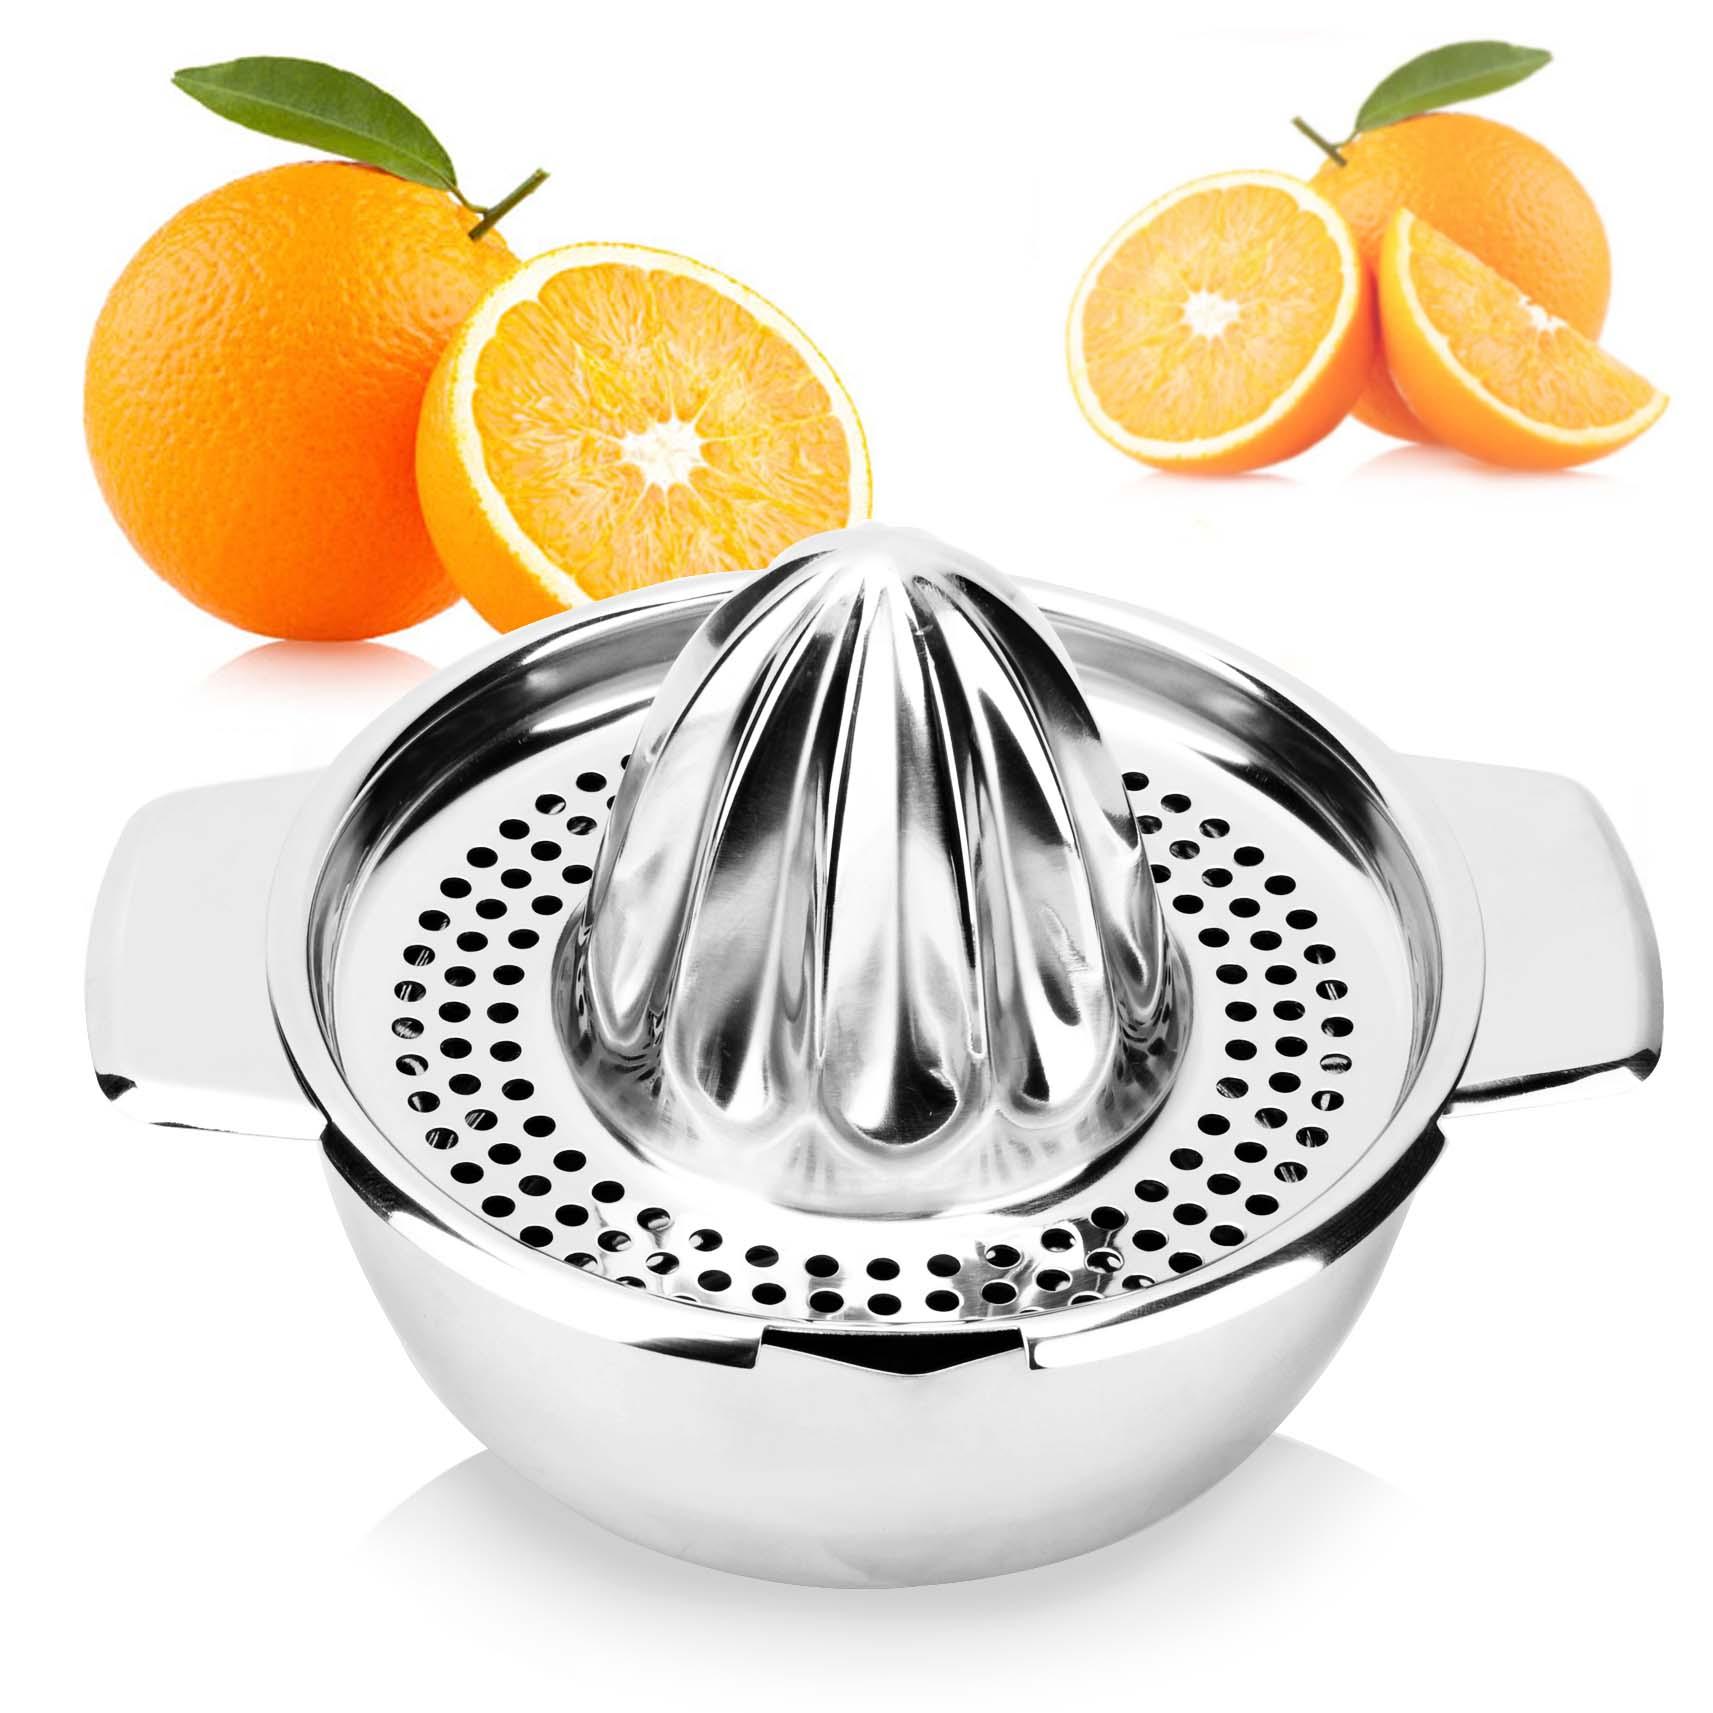 大号加厚304不锈钢手动榨汁家用机婴儿果汁机简易水果迷你榨汁机